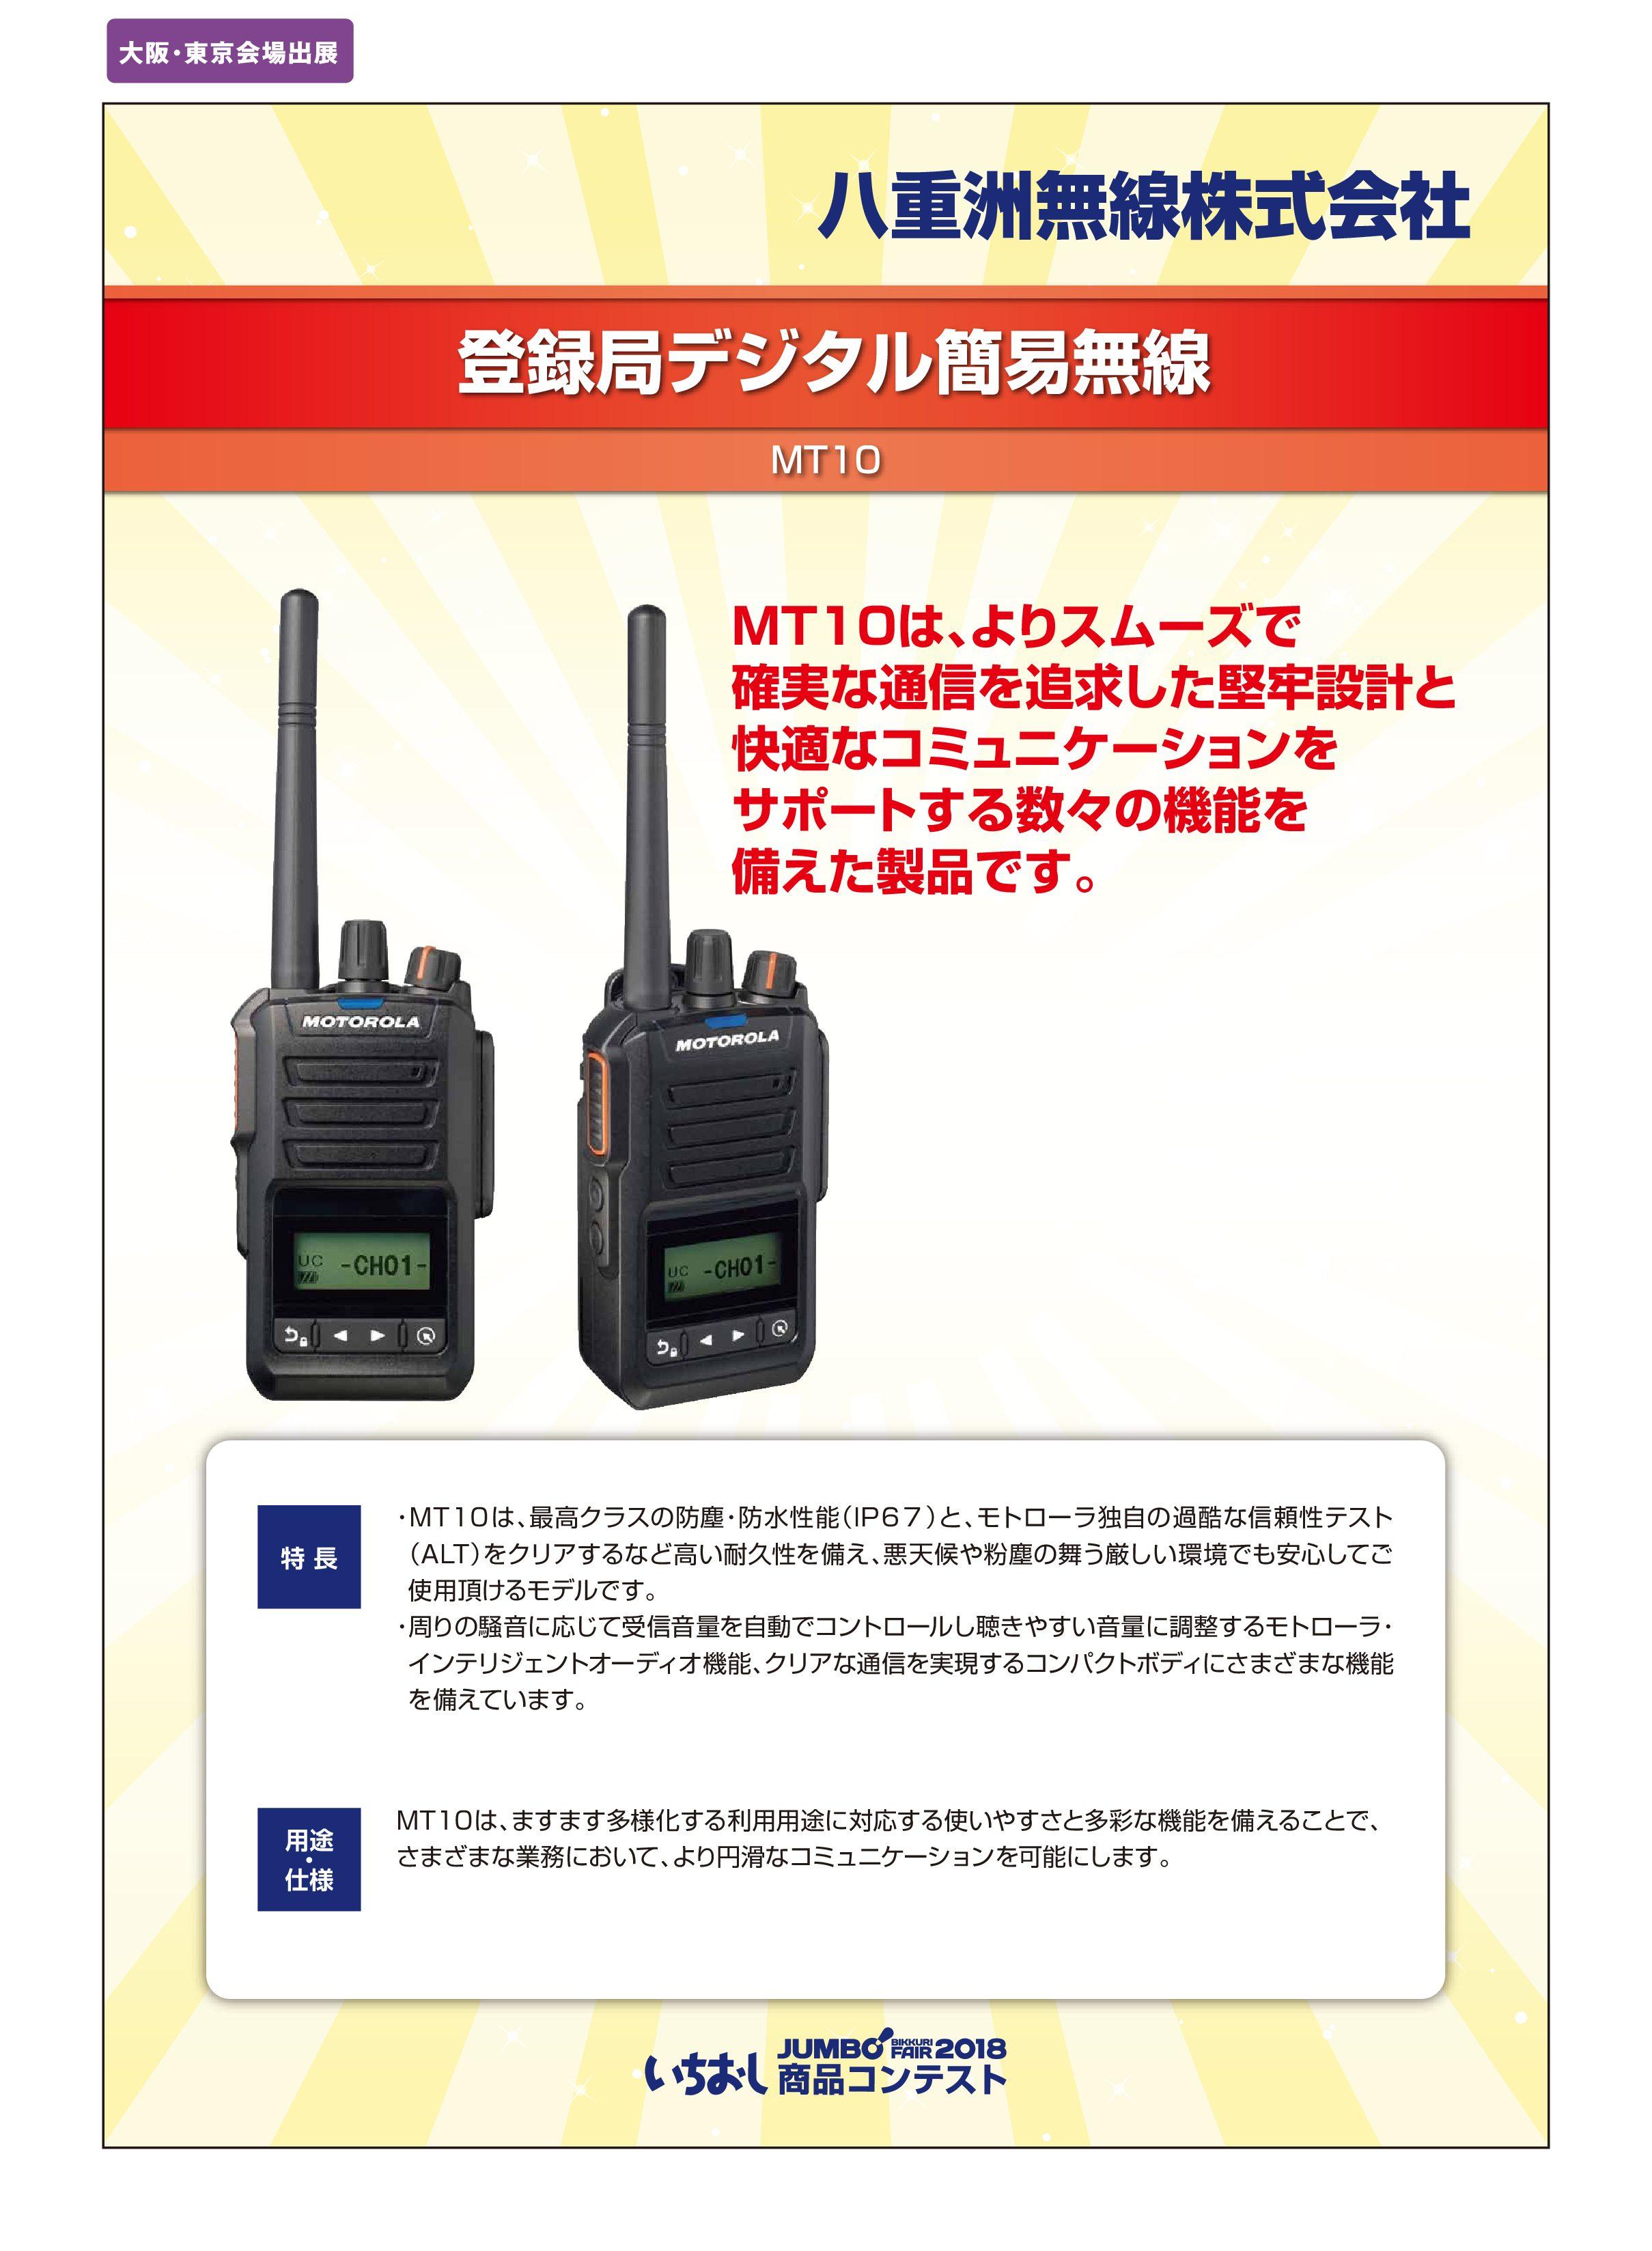 「登録局デジタル簡易無線」八重洲無線株式会社の画像